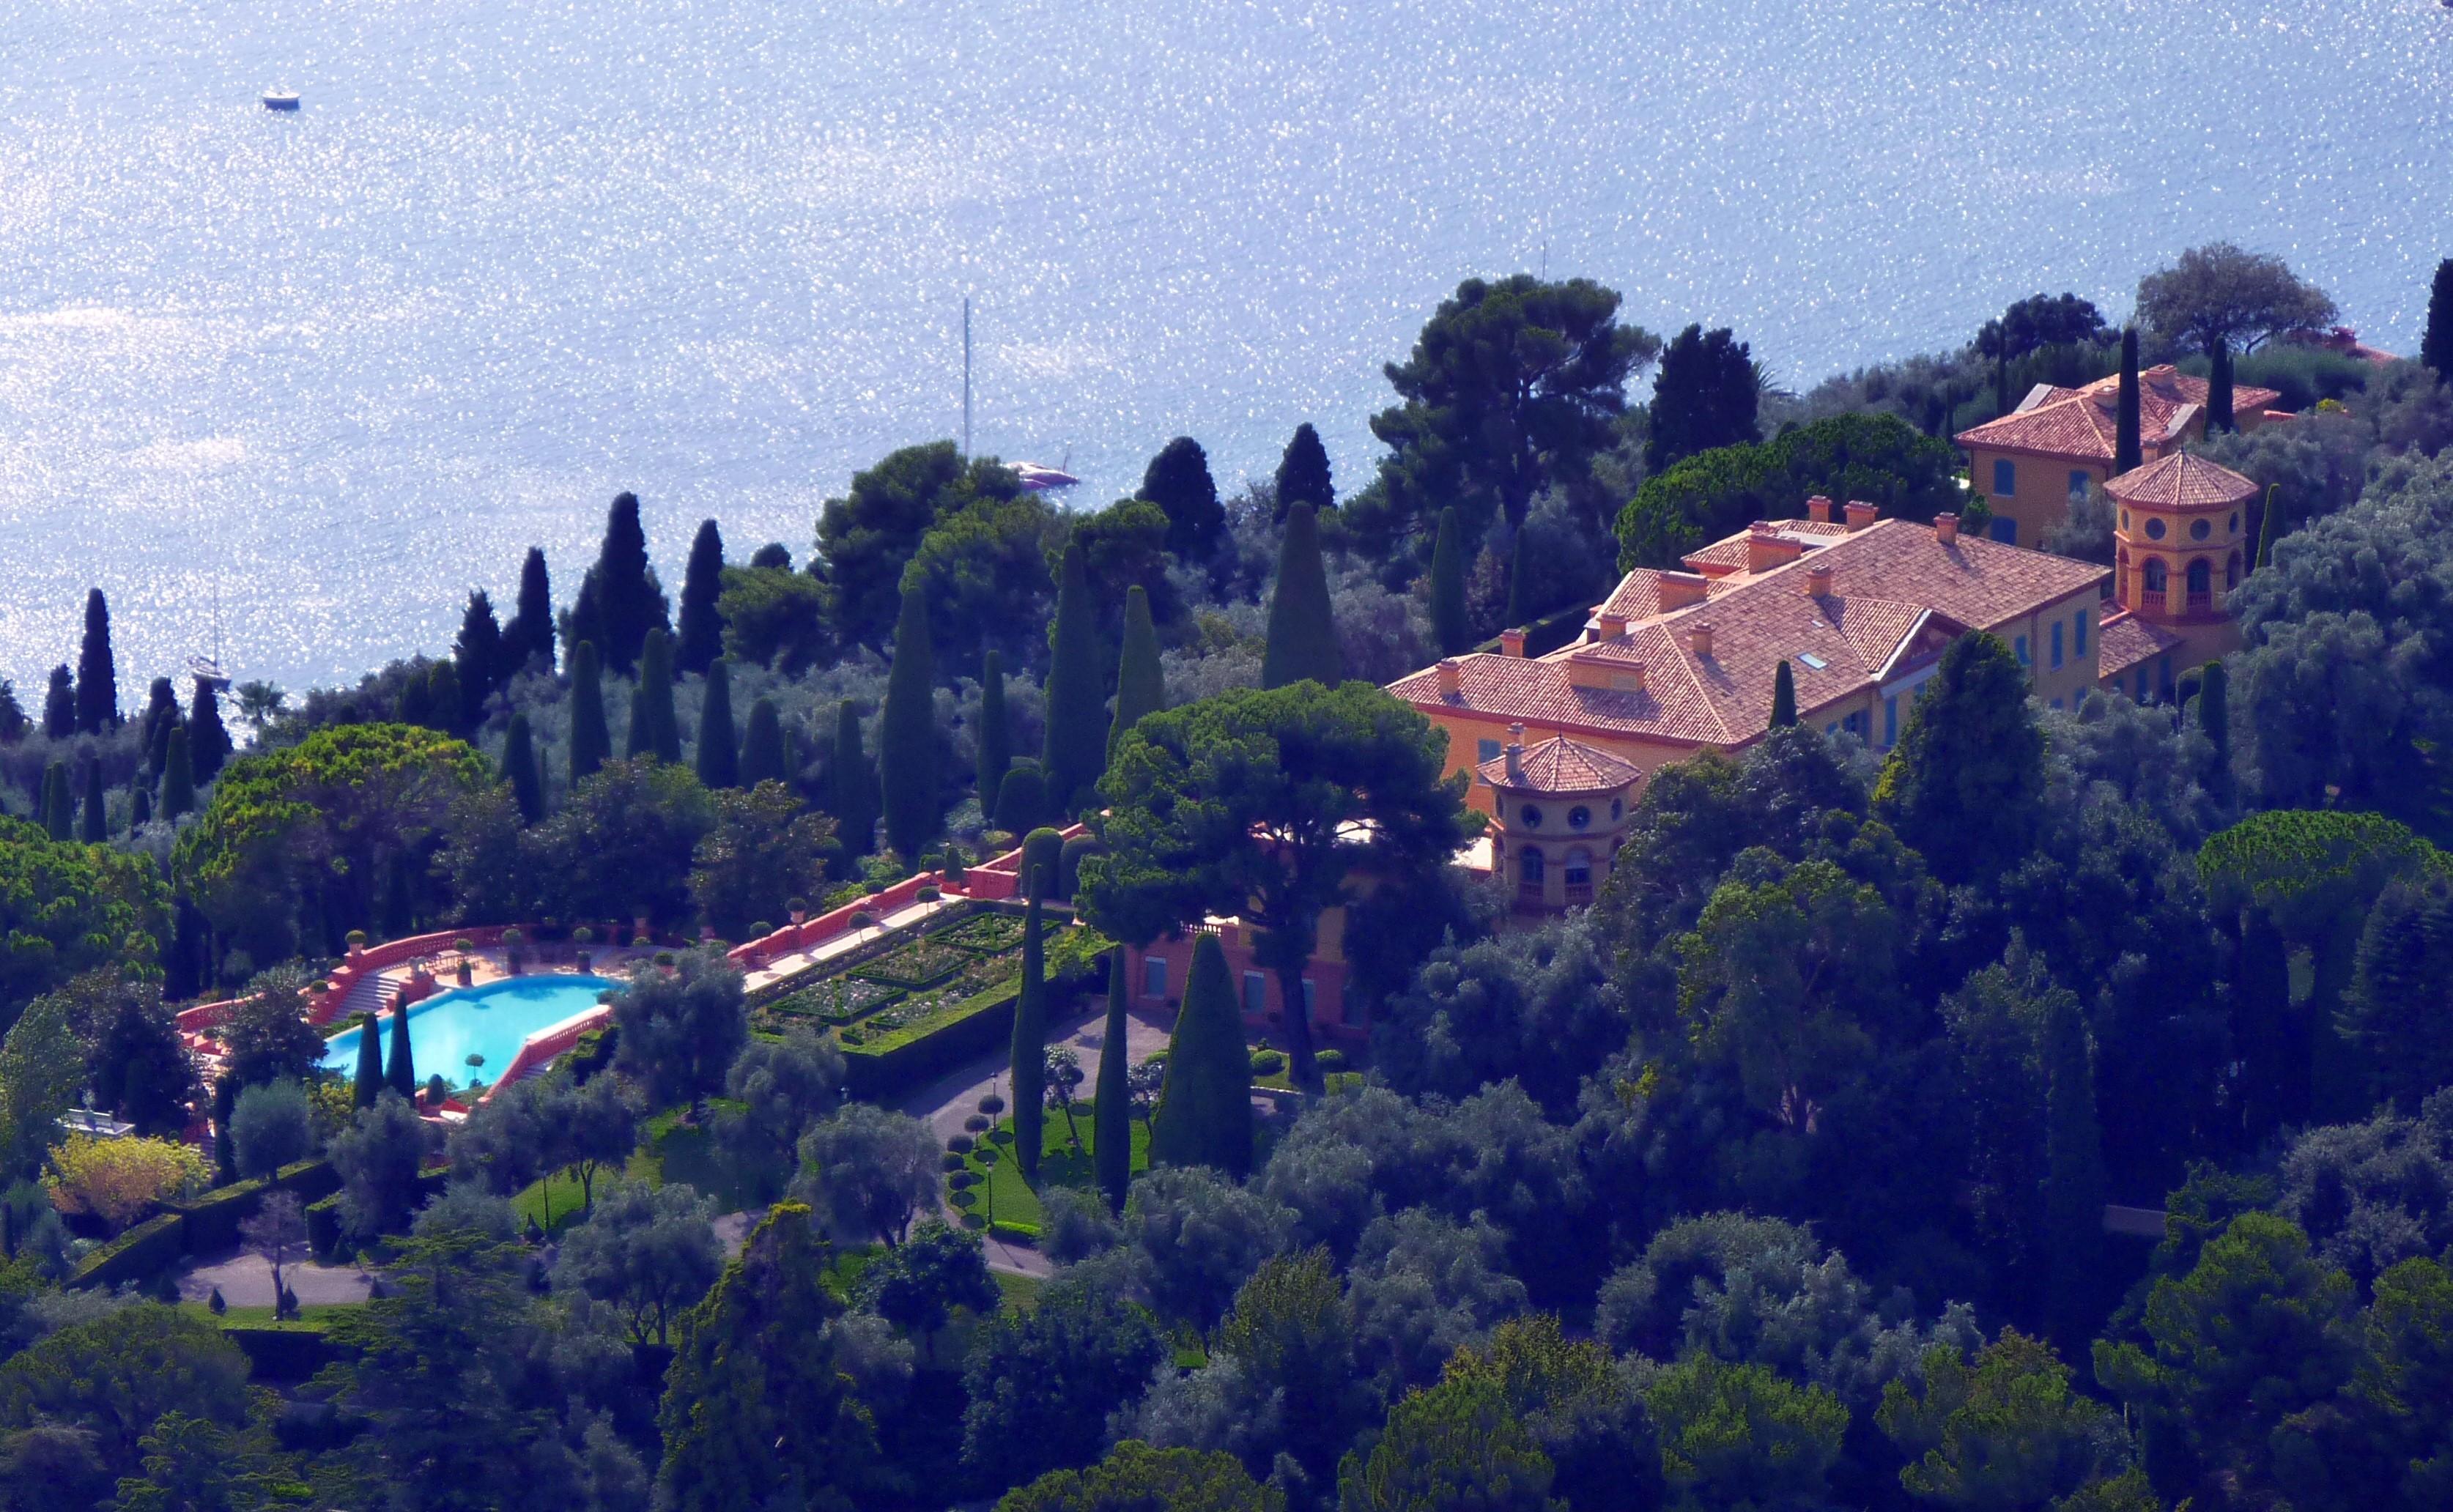 Villa Leopolda - Cote d Azur